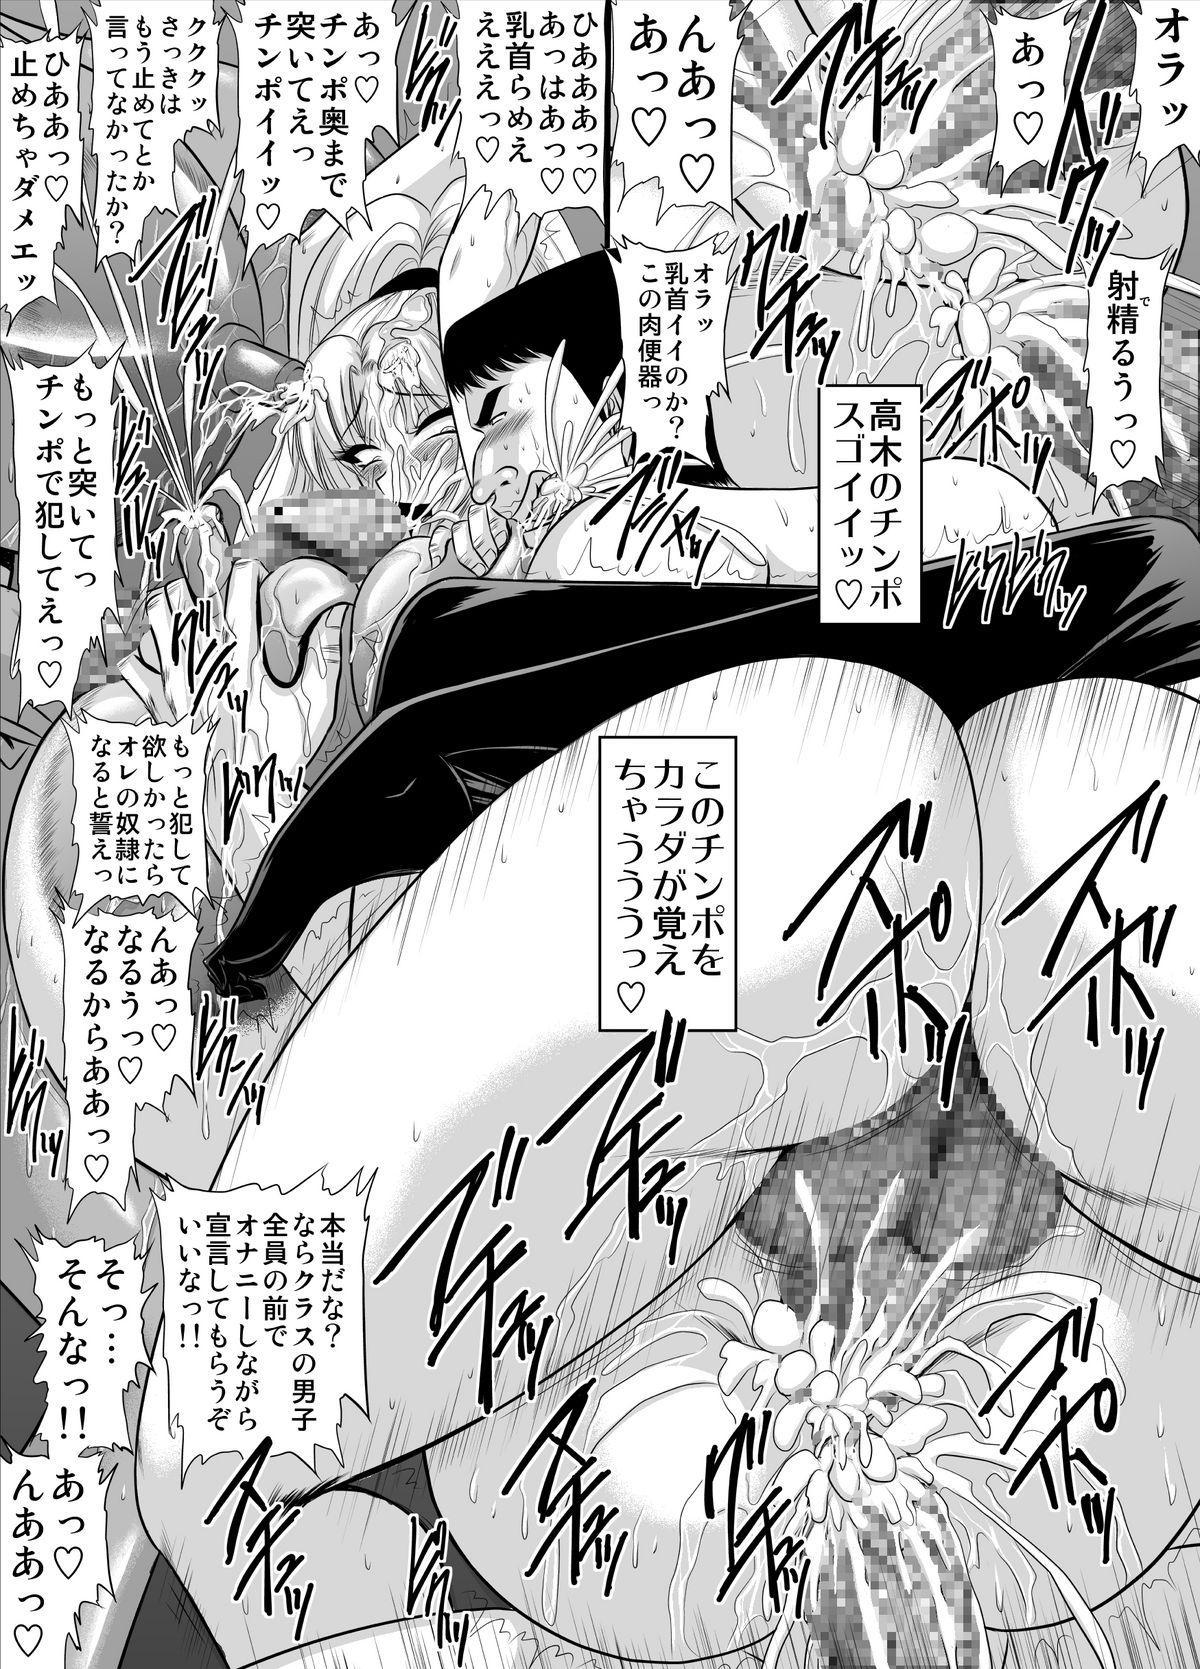 Keiyaku Sei Dorei Bakunyuu Kyoushi Sayaka 12 8